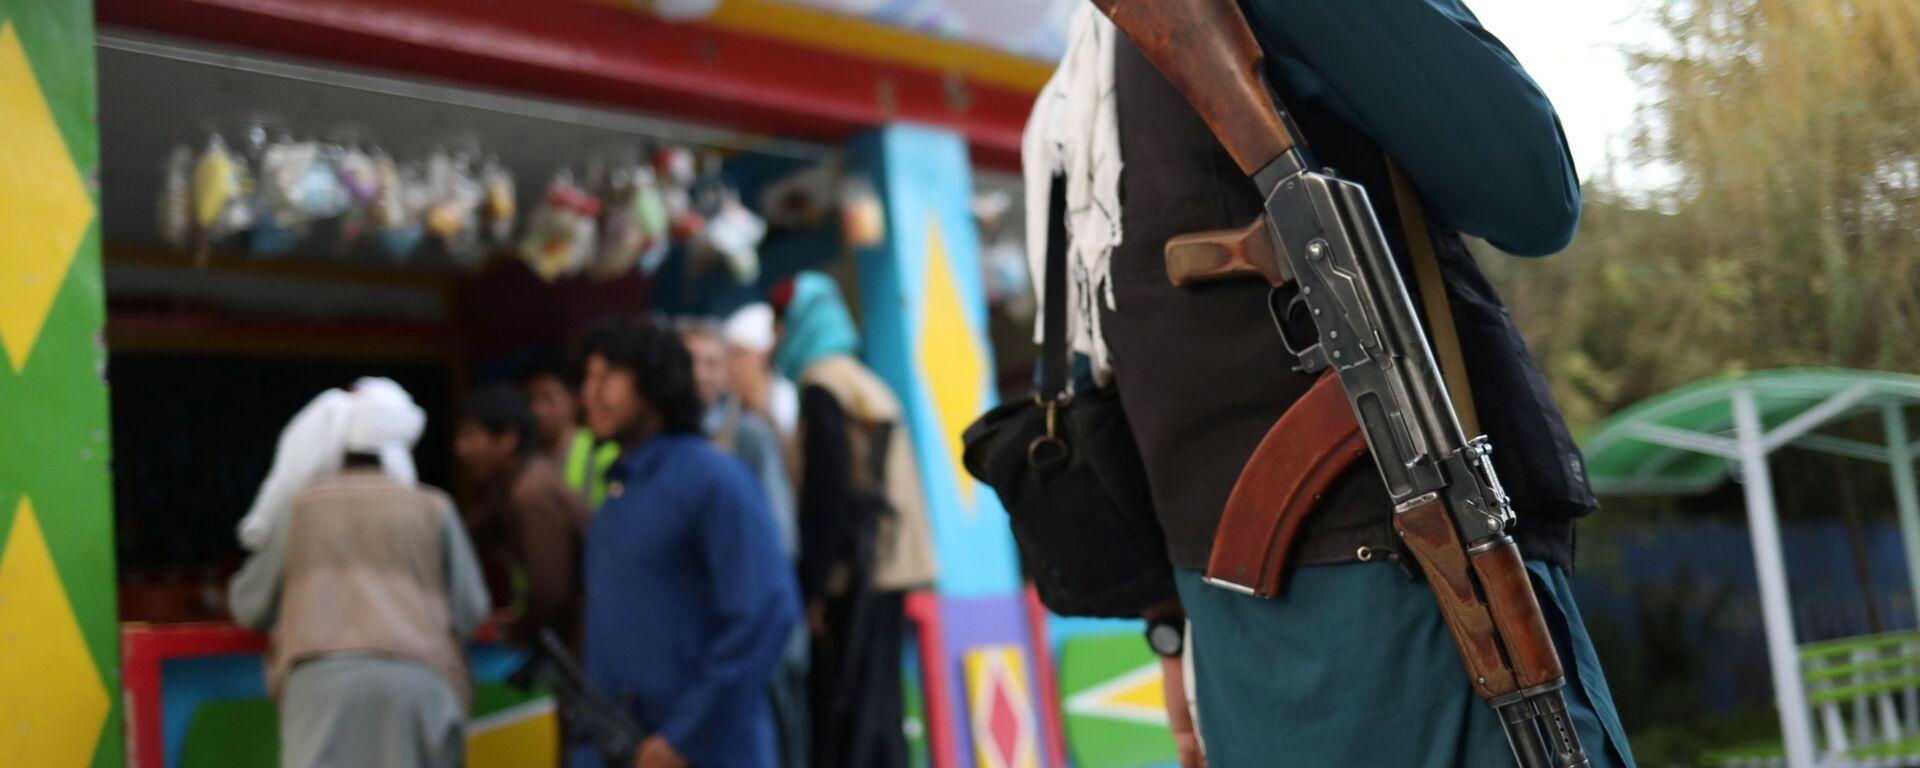 Боец Талибана* с винтовкой в парке развлечений в Кабуле - Sputnik Тоҷикистон, 1920, 27.09.2021